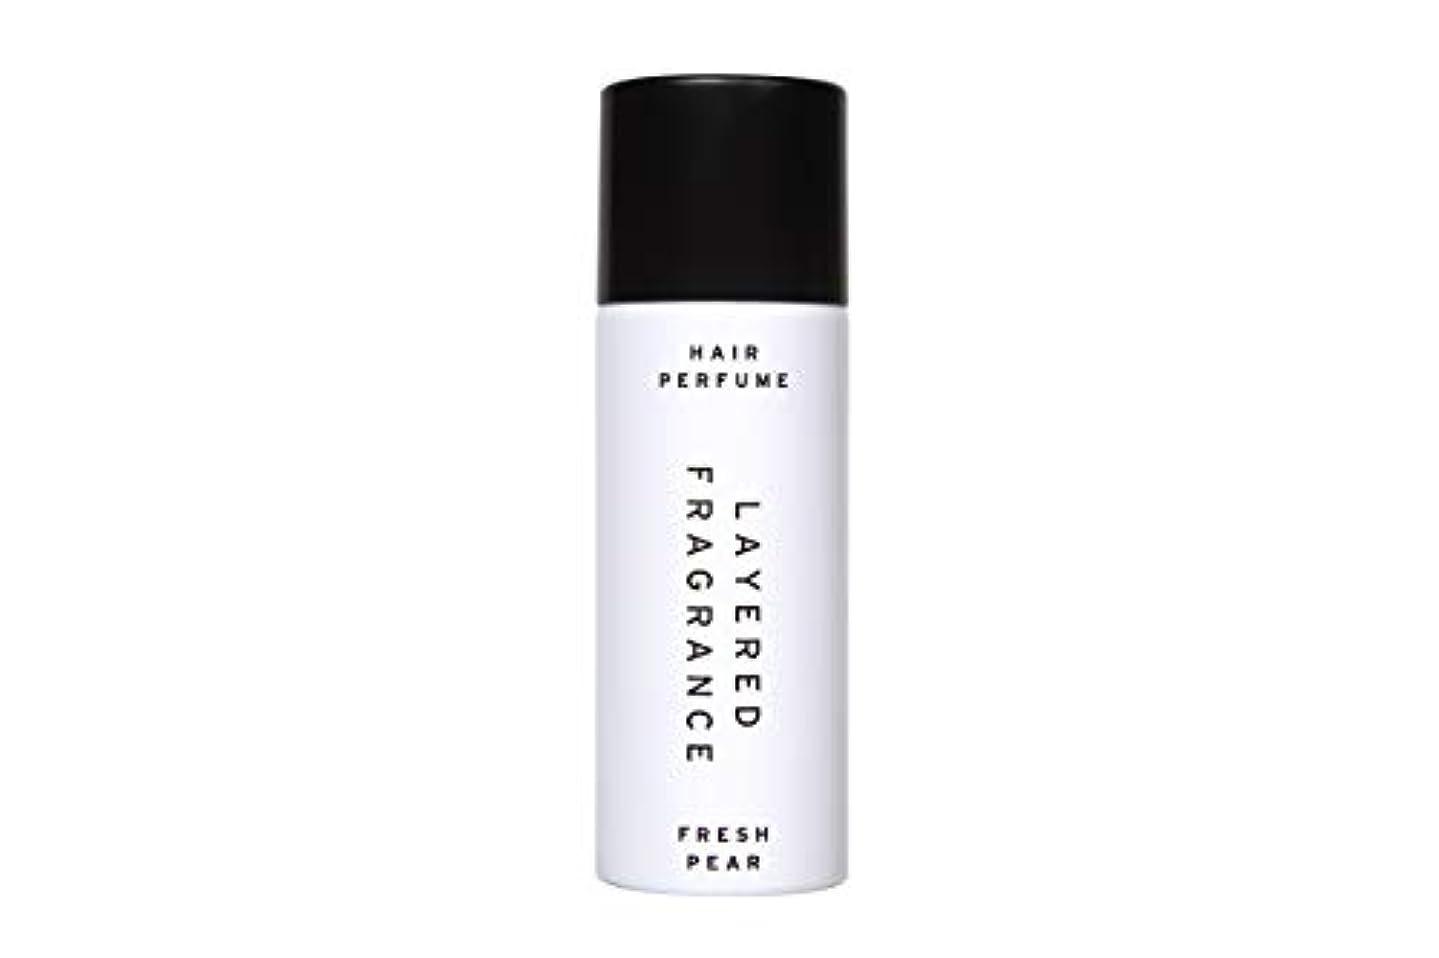 レイヤードフレグランス ヘアトリートメントパフューム フレッシュペア LAYERED FRAGRANCE HAIR TREATMENT PERFUME FRESH PEAR